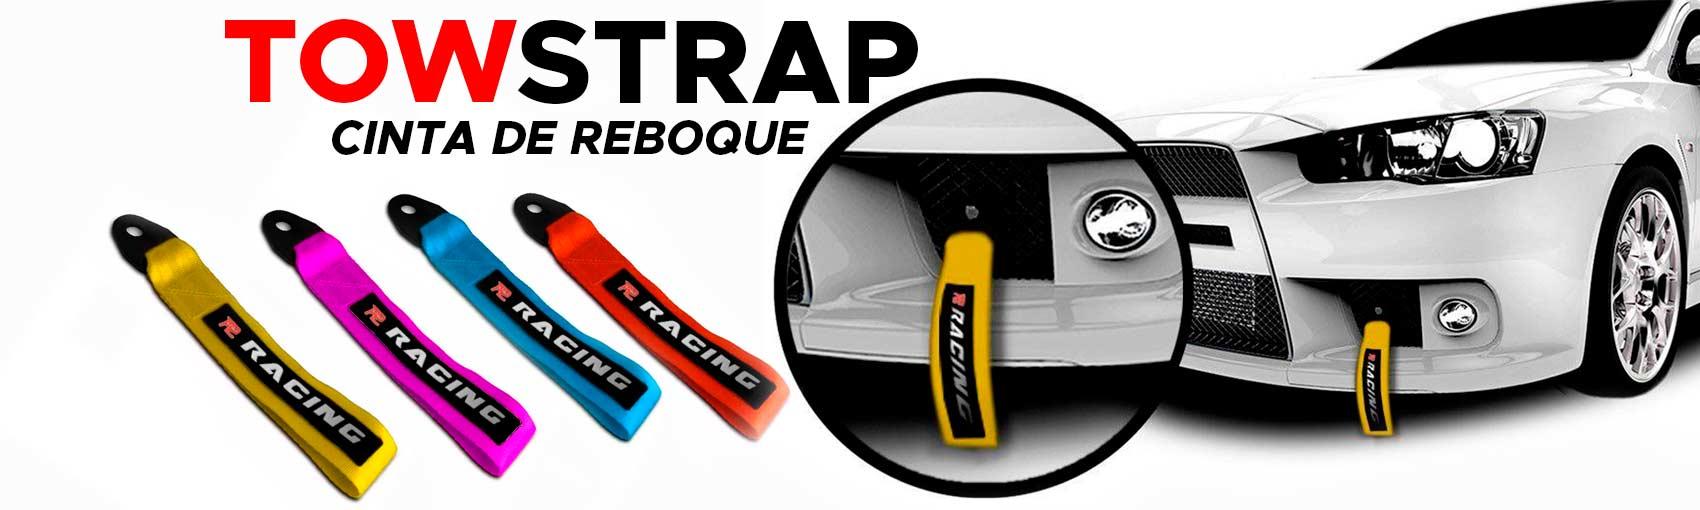 Tow Strap cinta de reboque